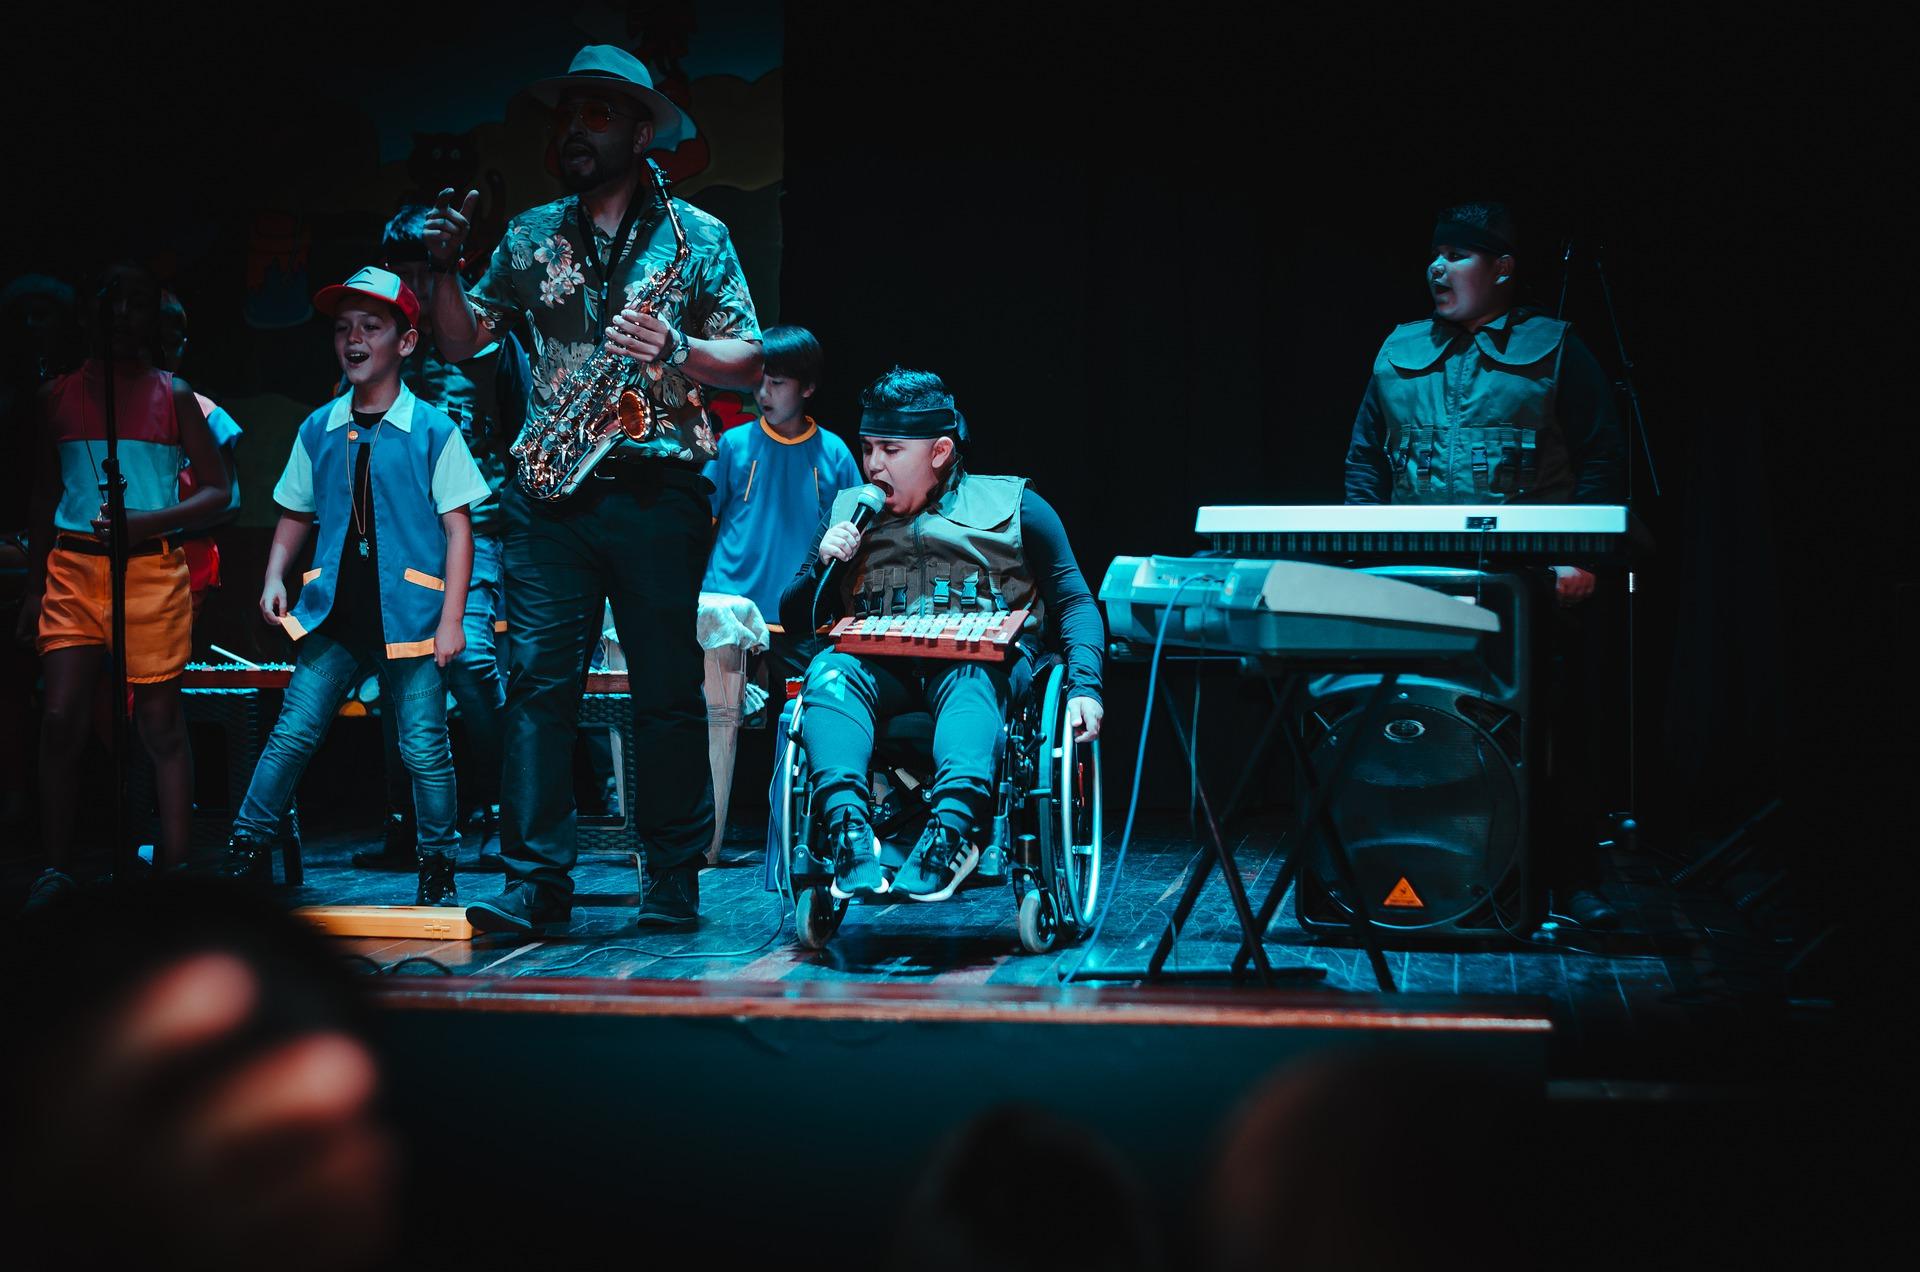 Das Foto zeigt eine sechsköpfige Kinderband beim Auftritt. Mittig der Sänger im Rollstuhl, er hält ein Mikrofon in der Hand.